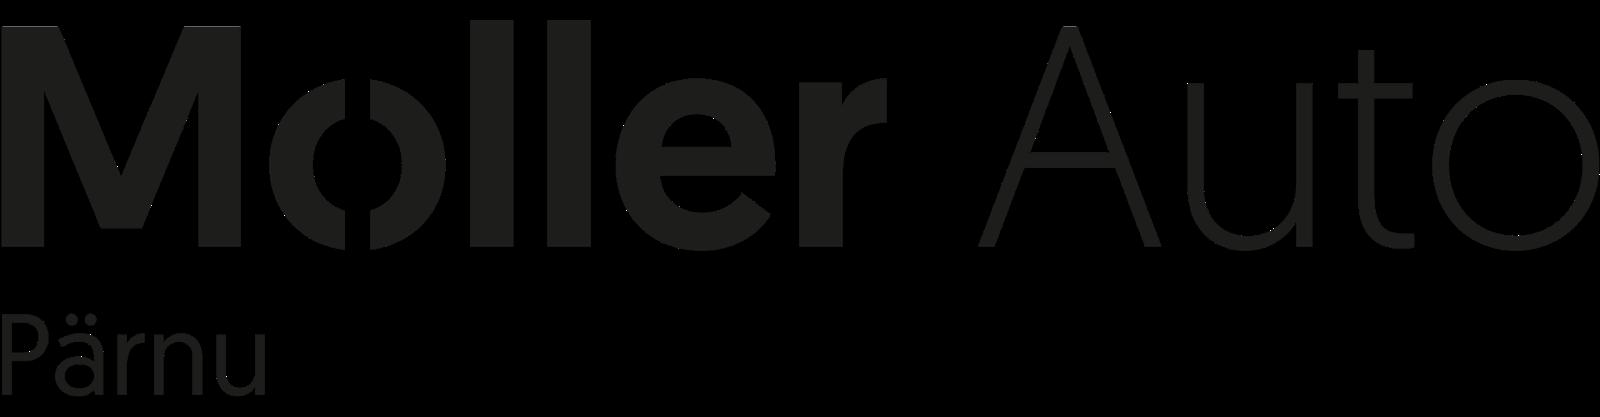 Moller Auto - Karel Leetsari mälestusvõistluse sponsor 2018-2019